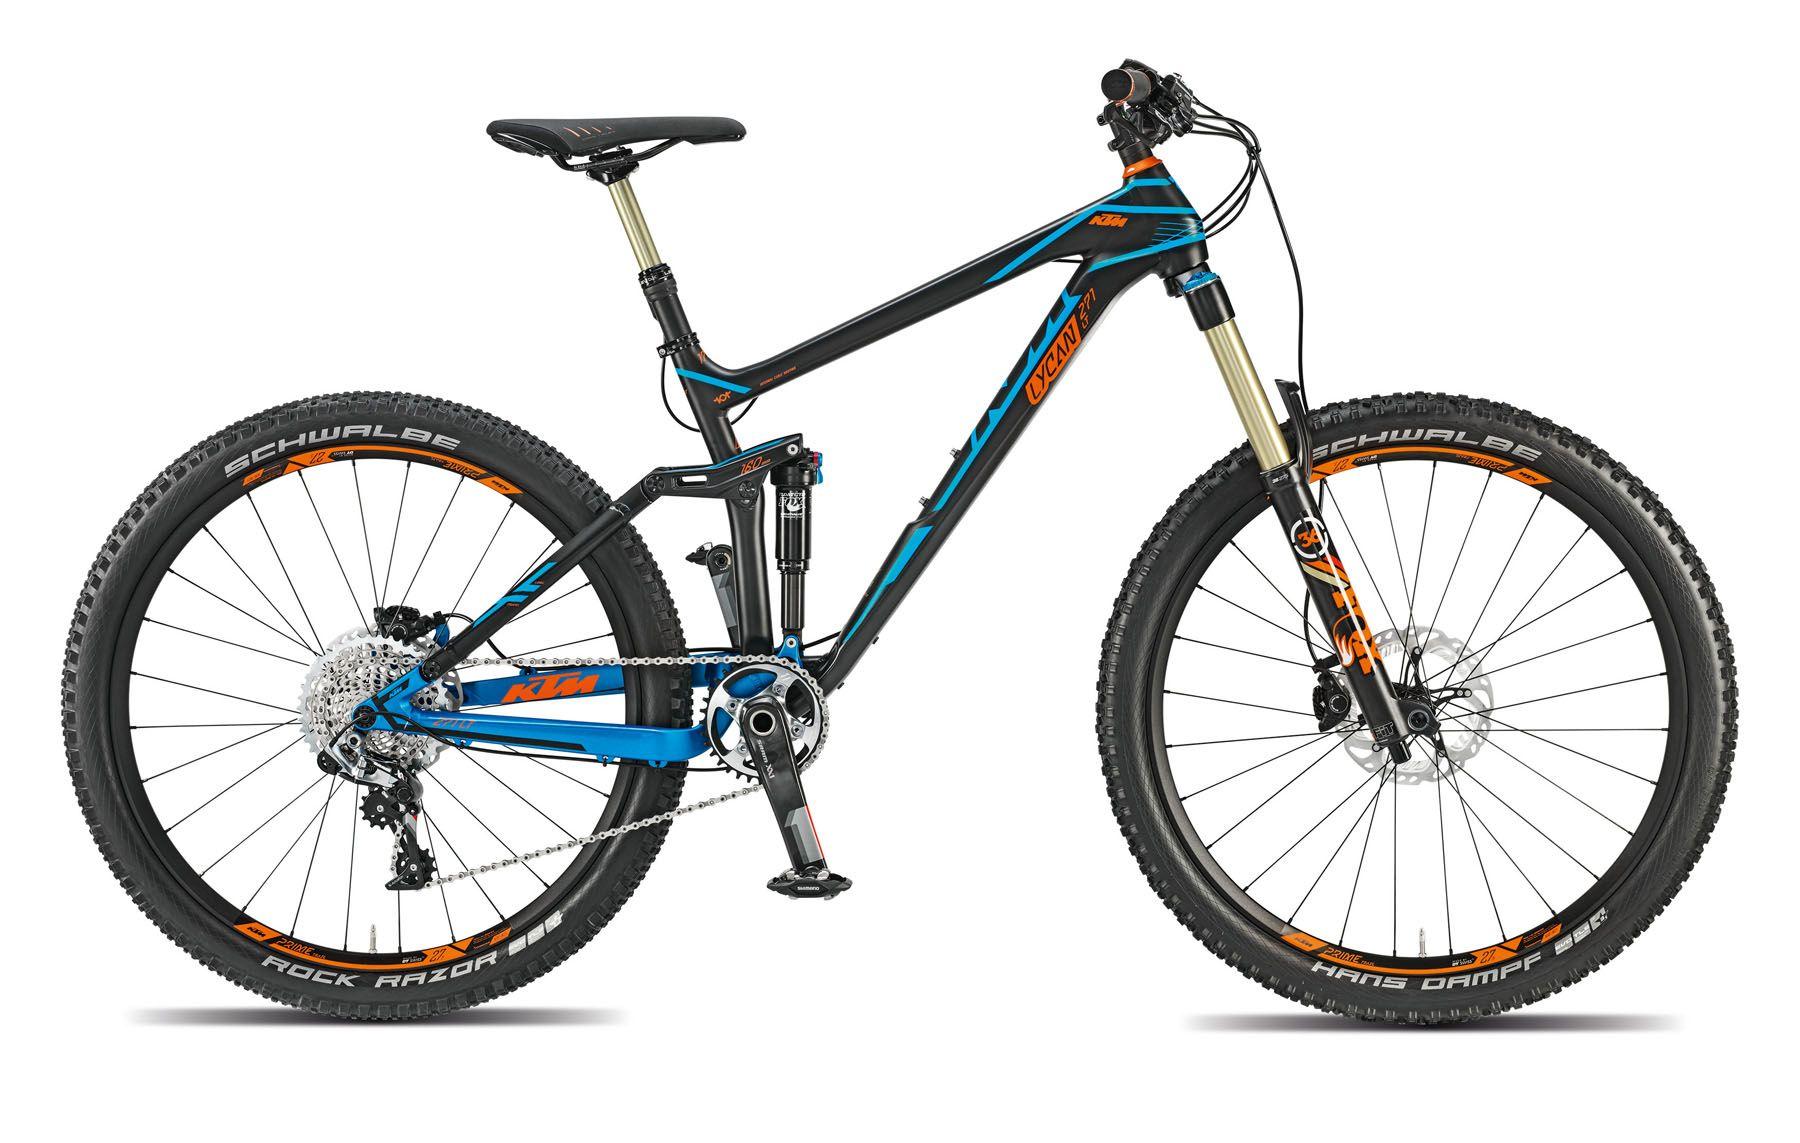 Full Suspension Ktm Bike Industries Ktm Bike Bicycle